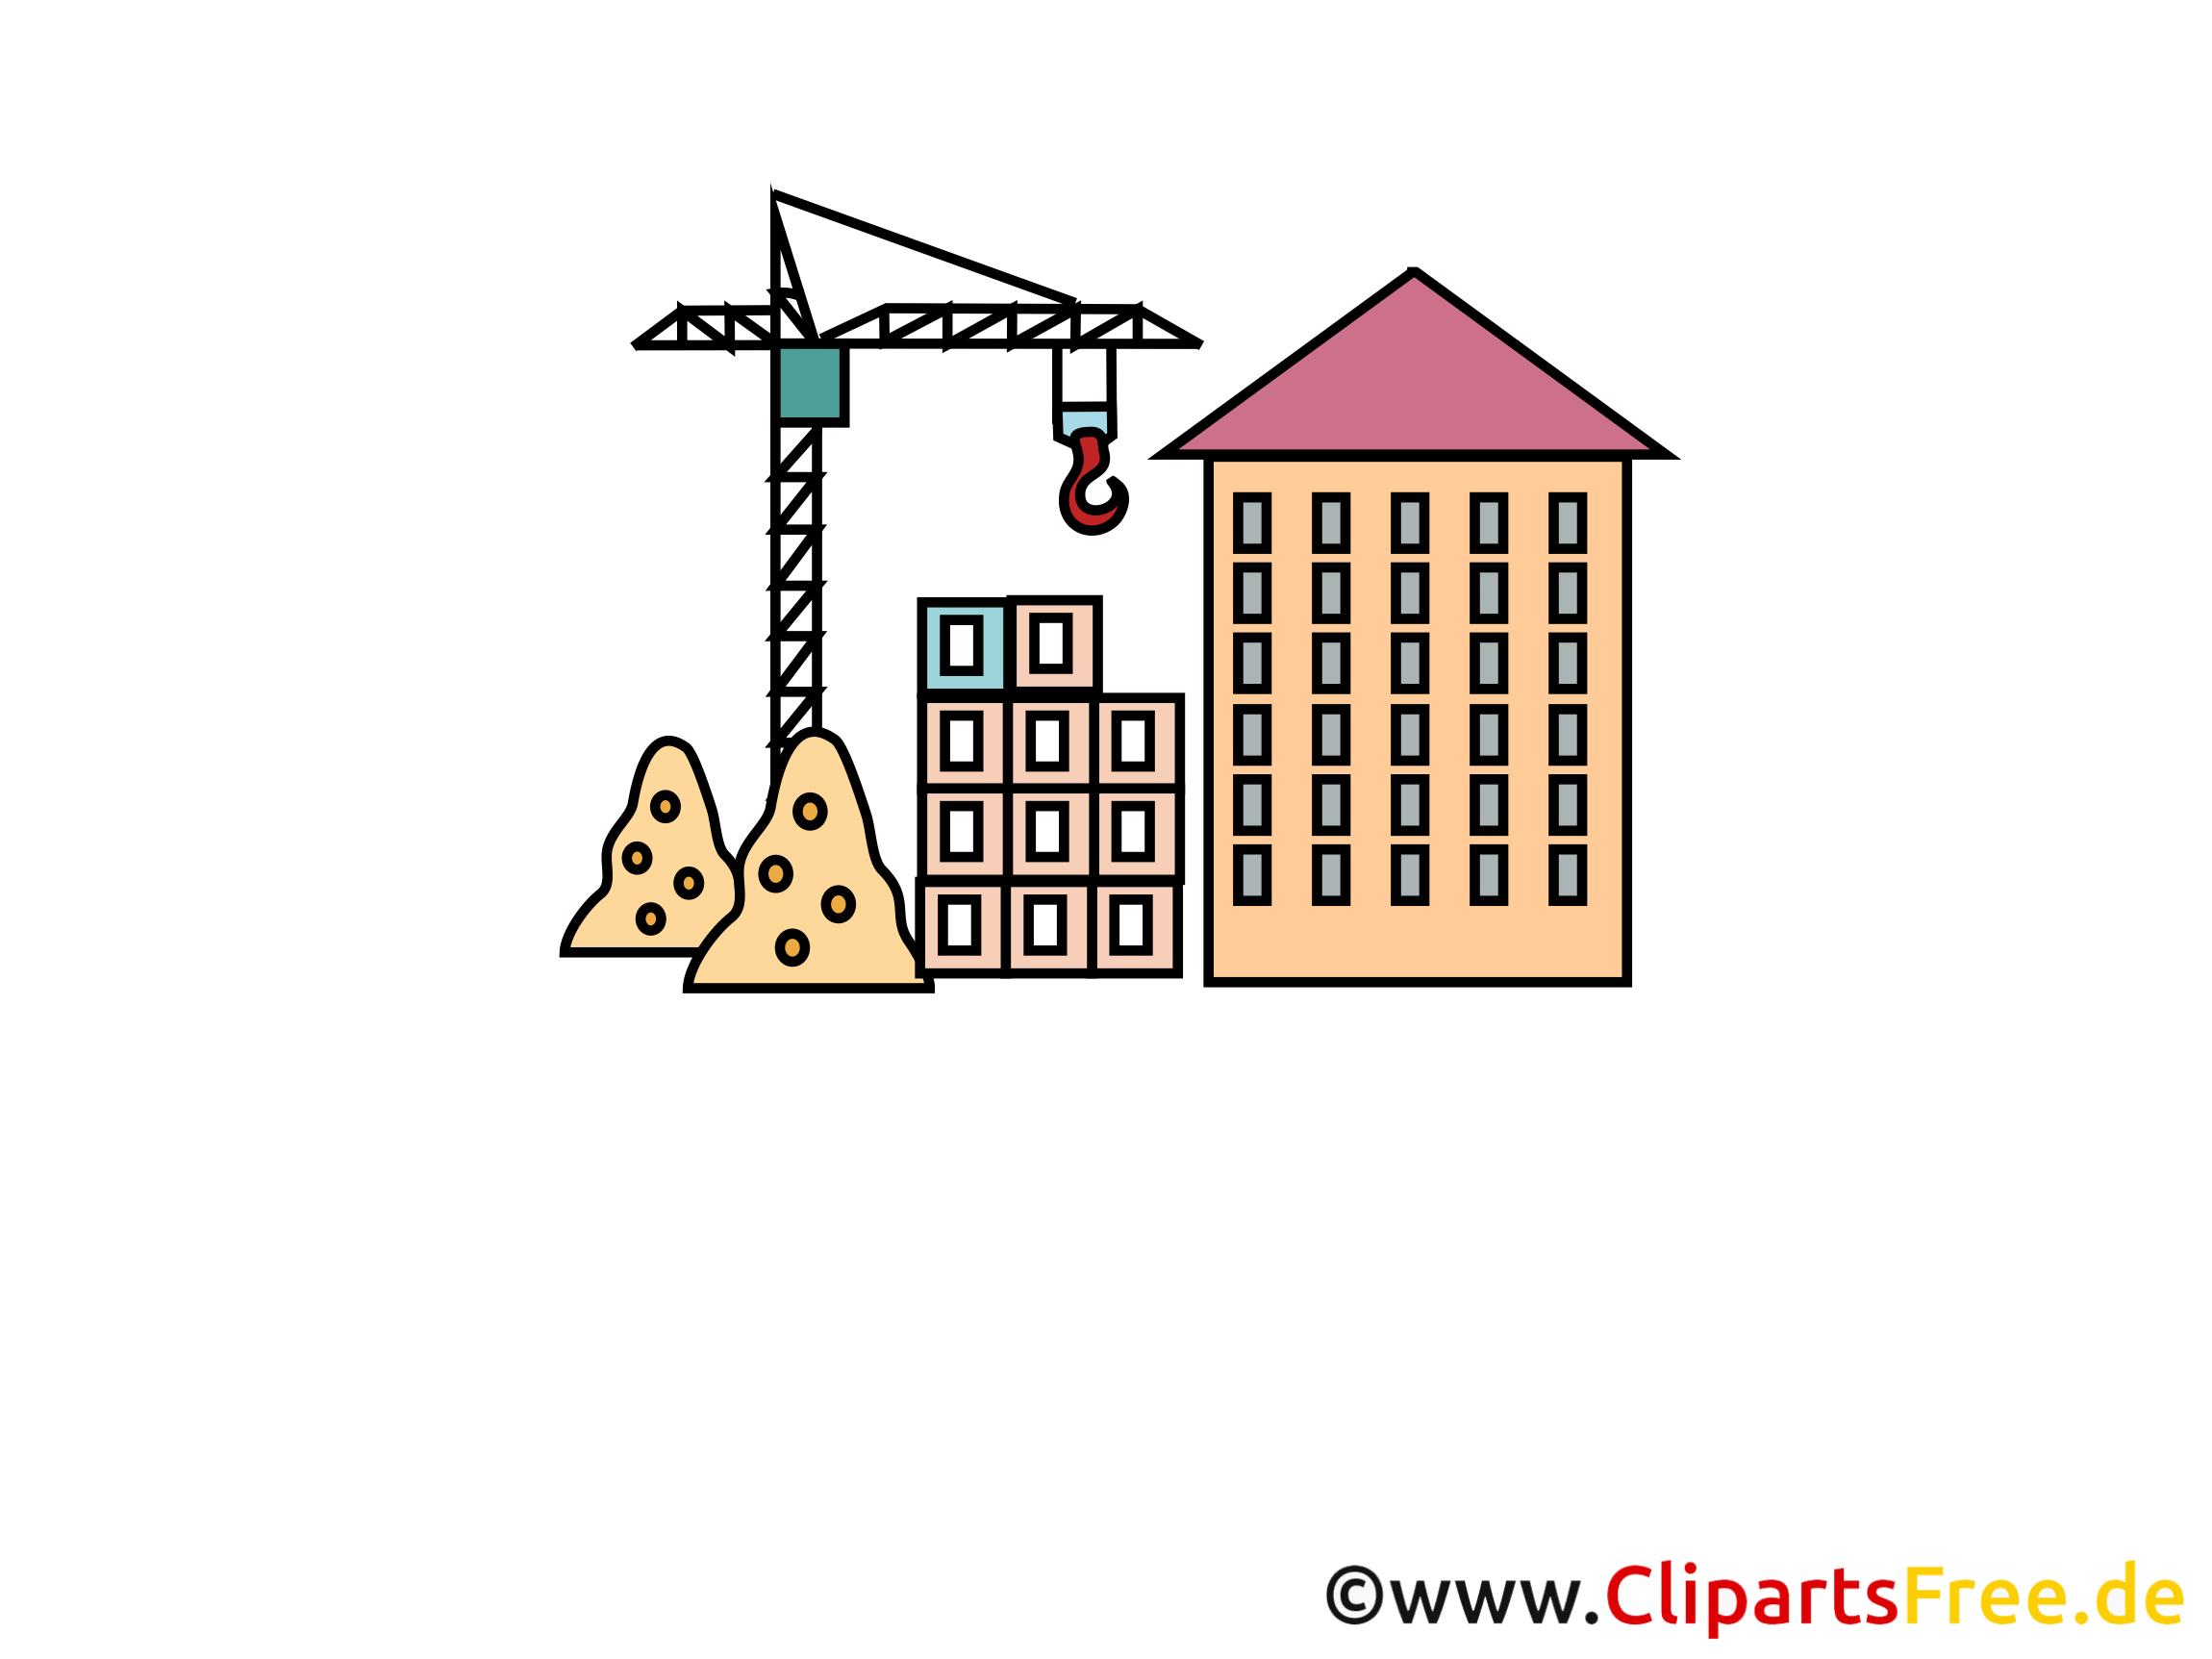 Hausbau Clipart